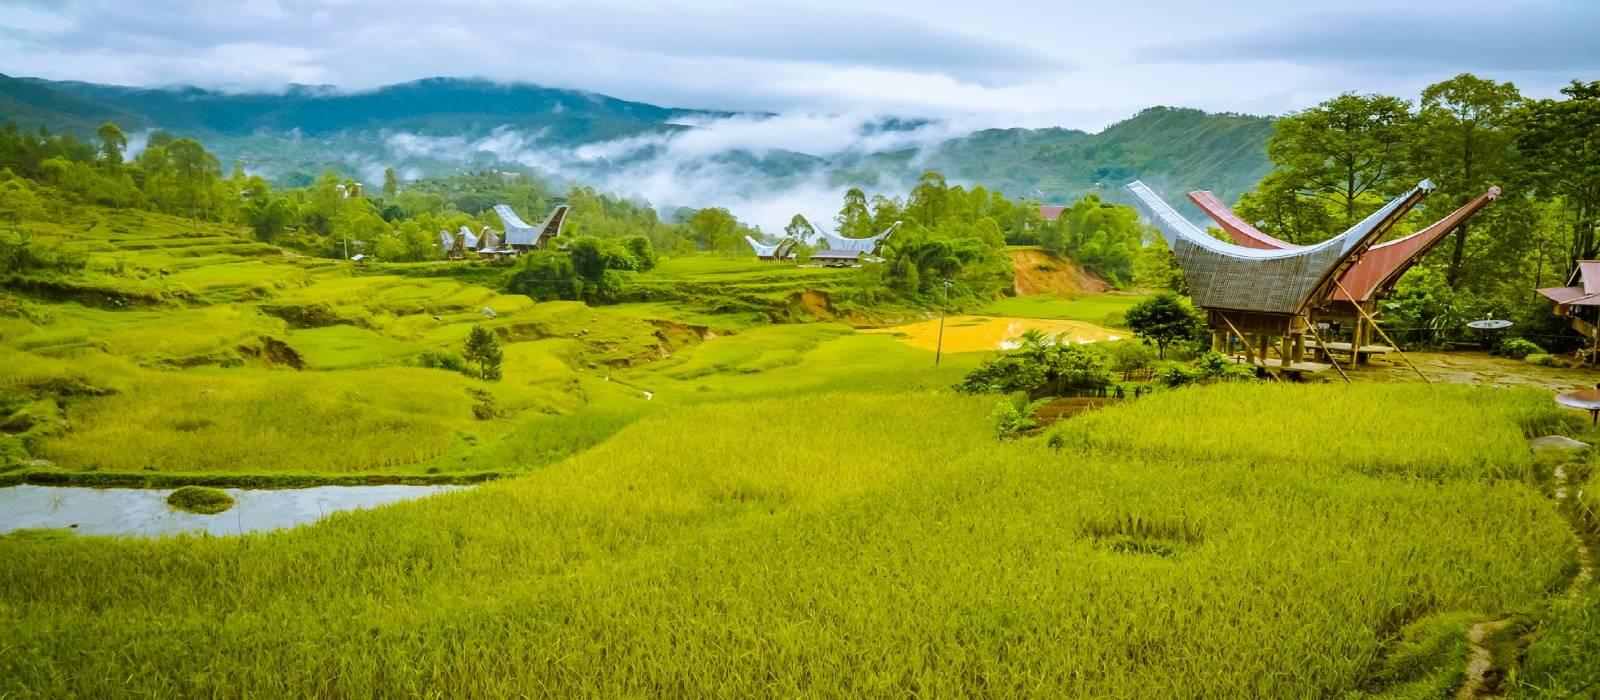 Indonesien – suHöhepunkte von Sulawesi und Sumatra Urlaub 1